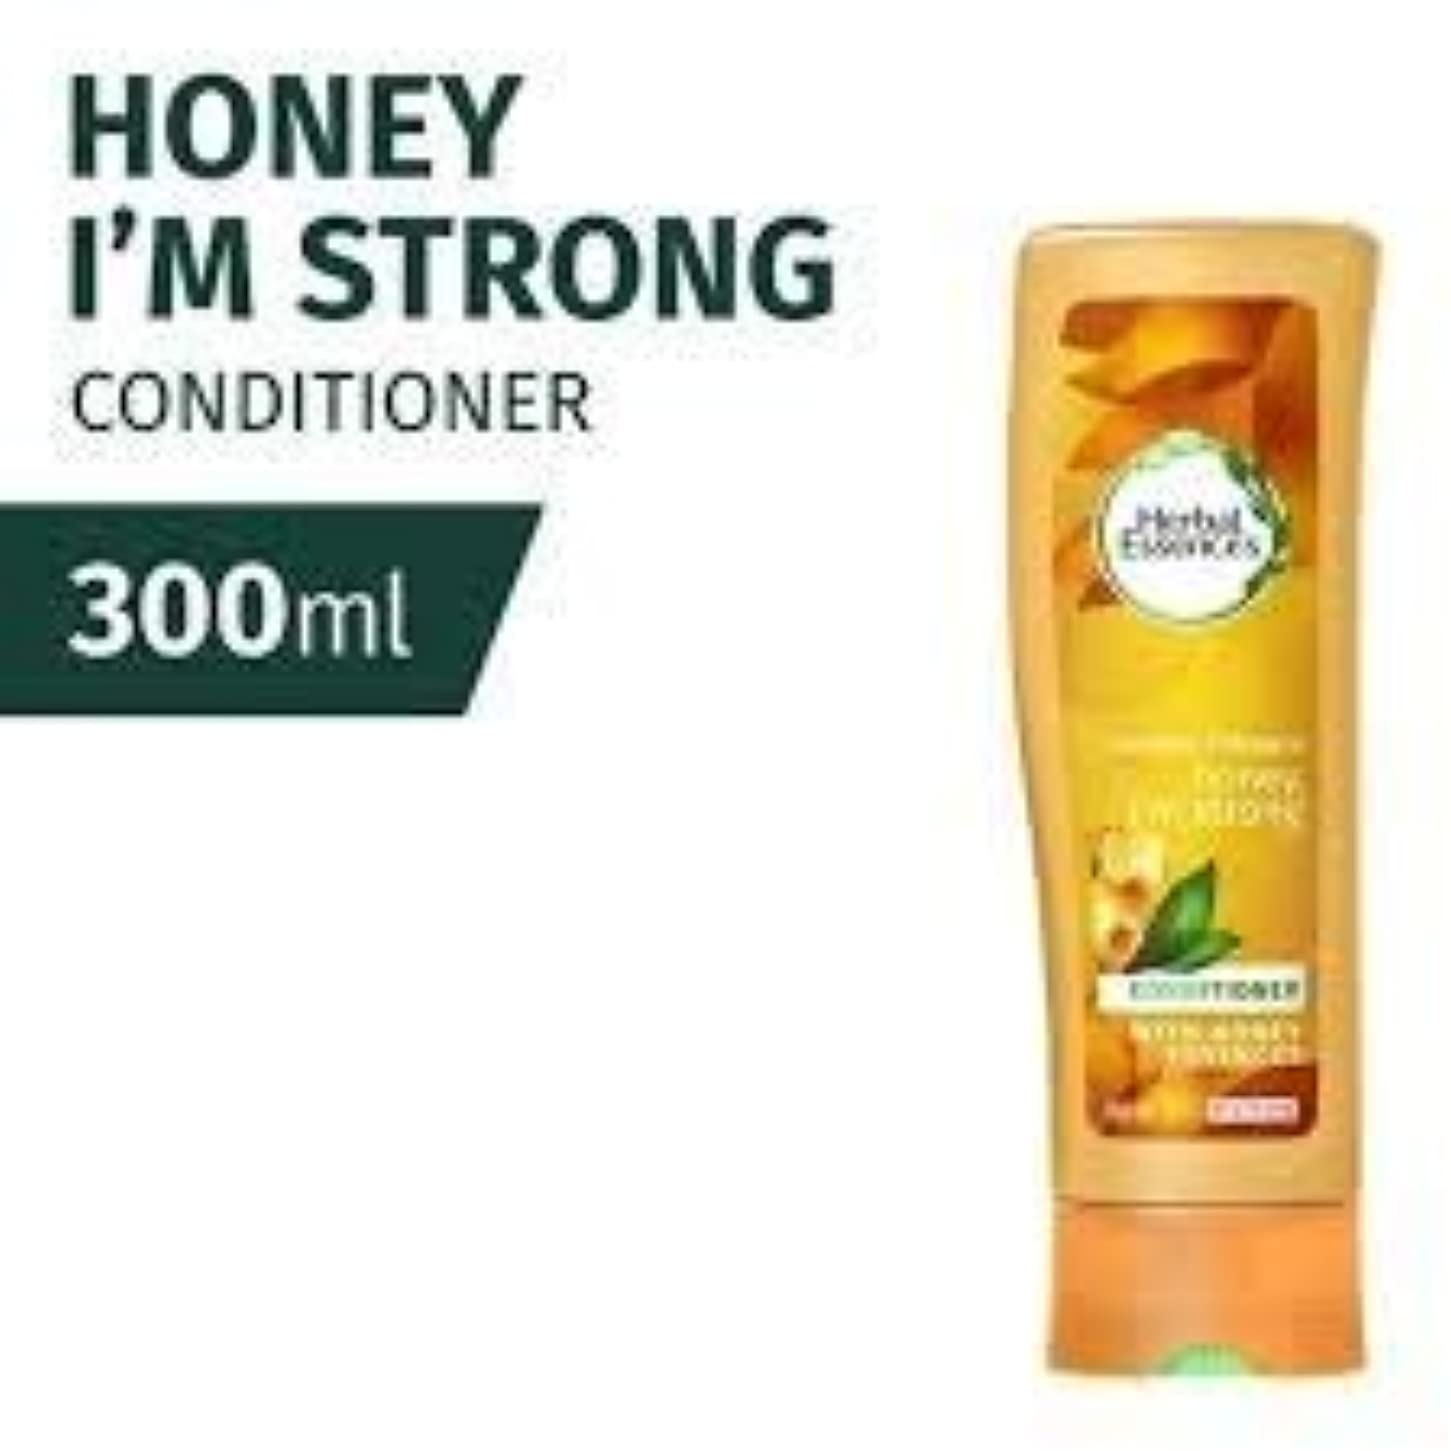 埋め込むボイコット信条CLAIROL HERBAL ESSENCES ハニーは、私は強いコンディショナー300ミリリットルのだ - それを甘いパワーを与えて、蜂蜜の風味が豊かでクリーミーな風味は保湿が髪を修復混合して